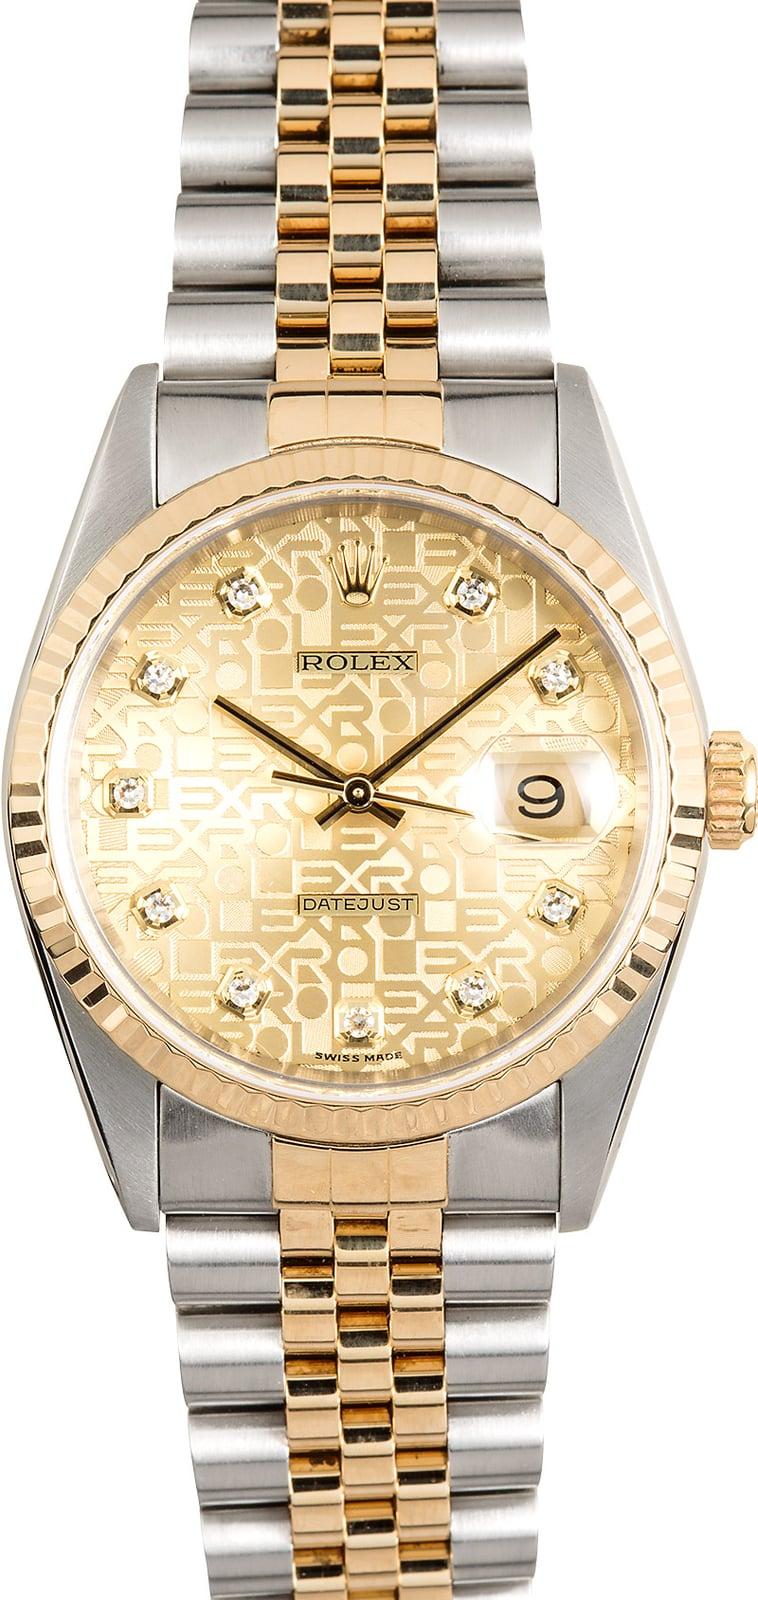 Недорогая копия часов EXPLORER II 16233 Rolex Oyster